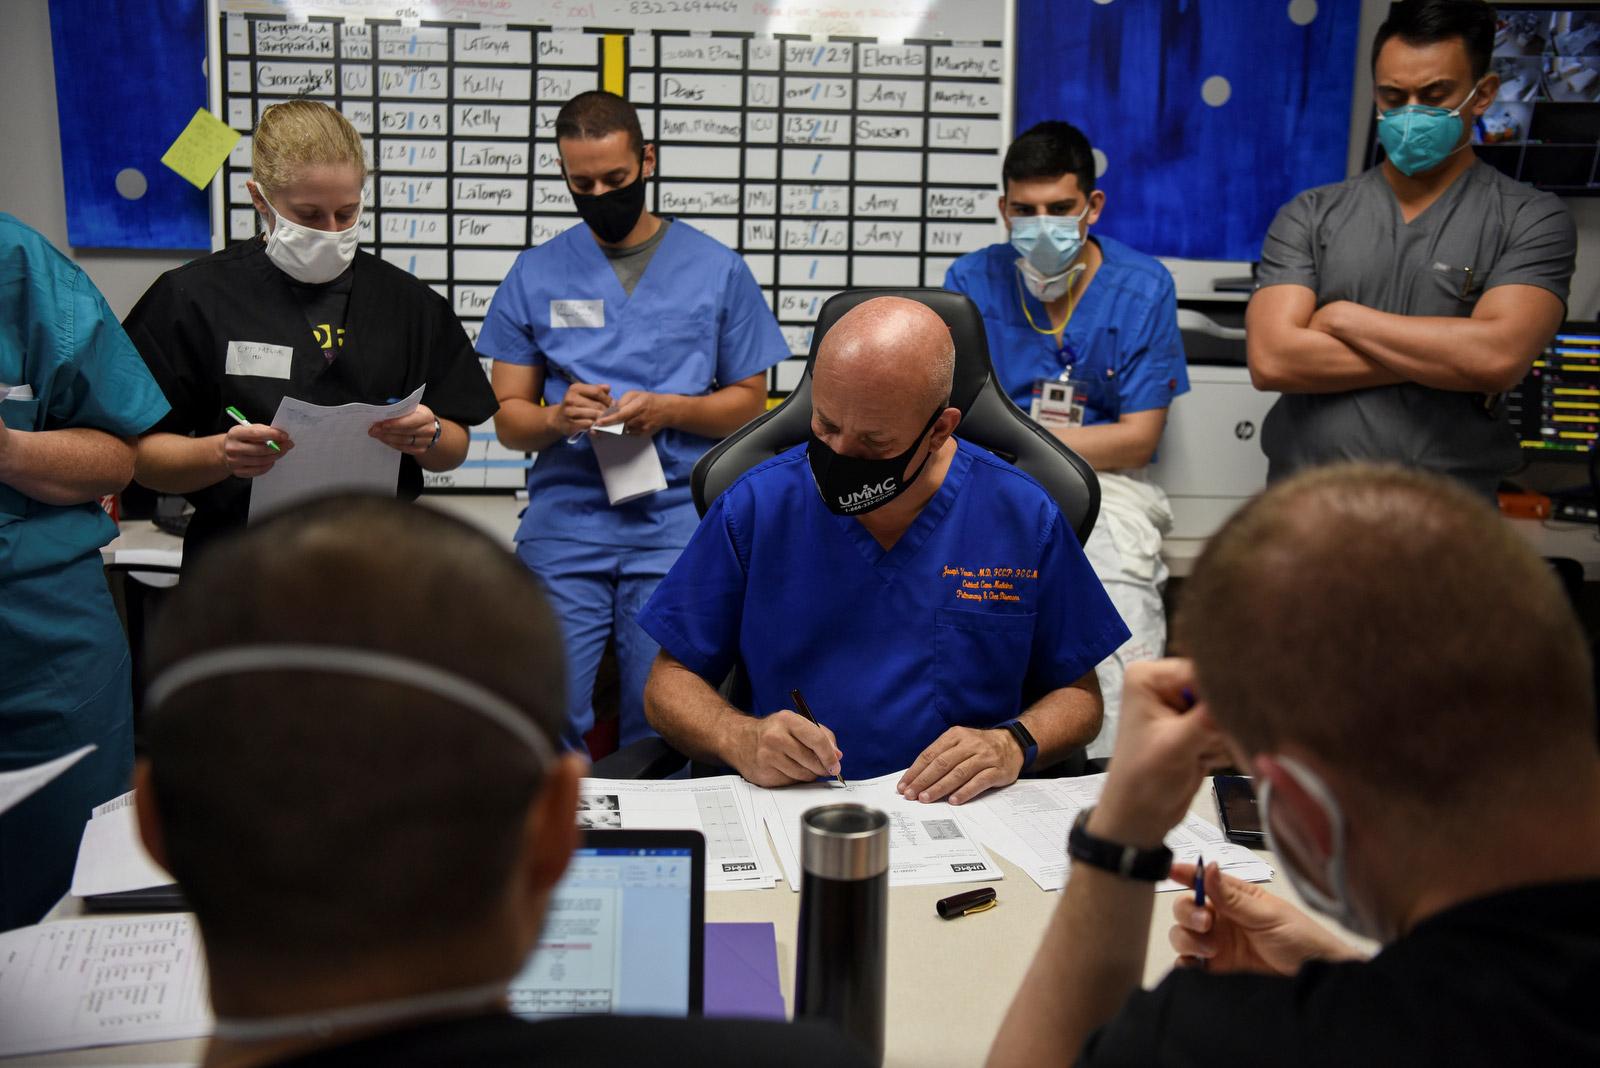 Varon dan timnya memeriksa file pasien selama pertemuan harian.